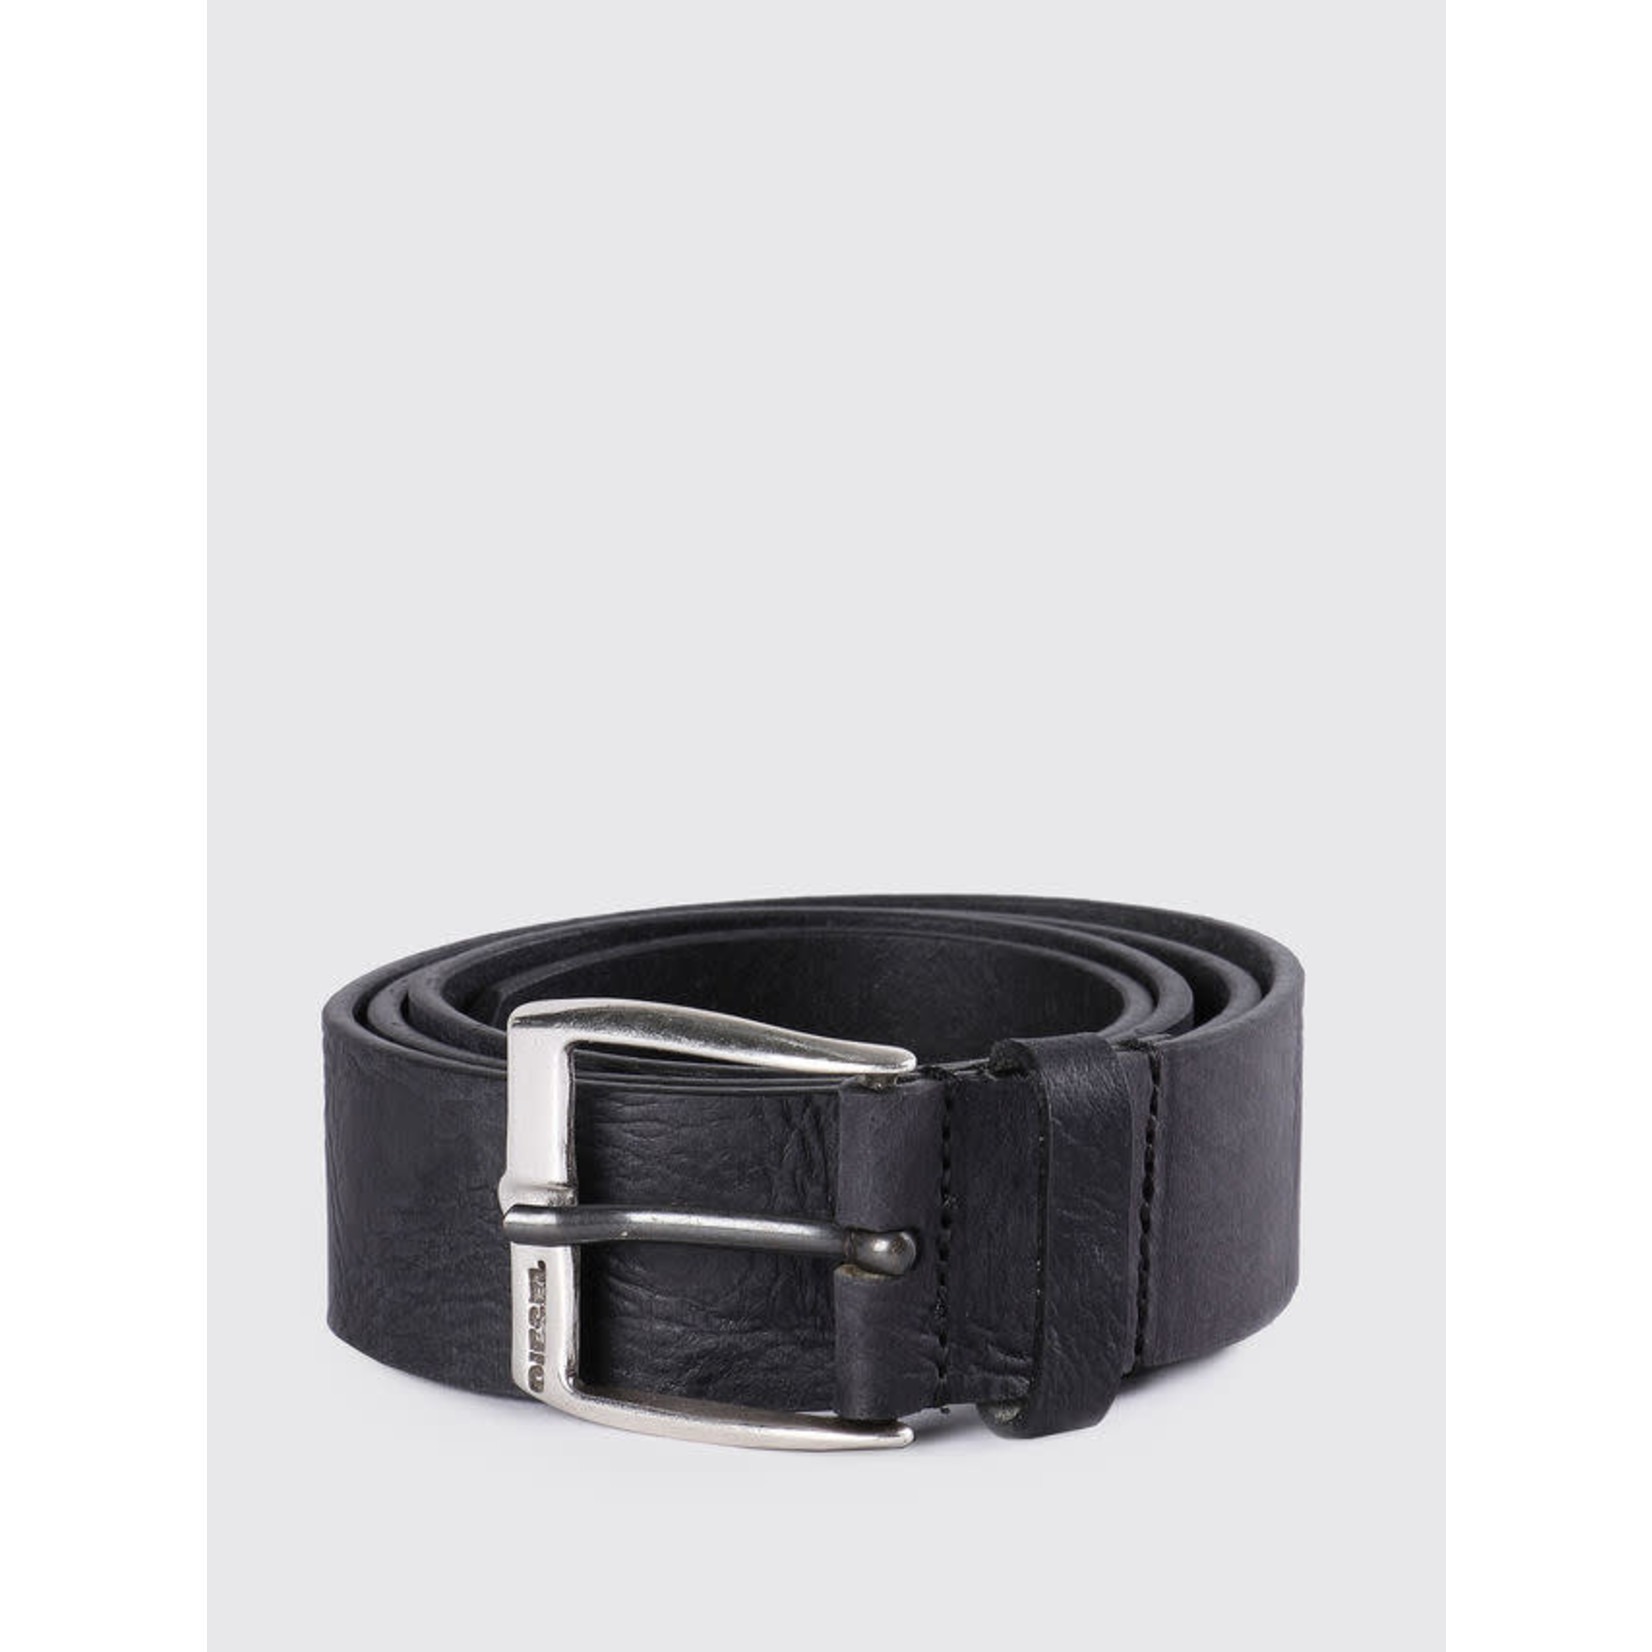 DIESEL Diesel - Men's Belt - B-Whyz